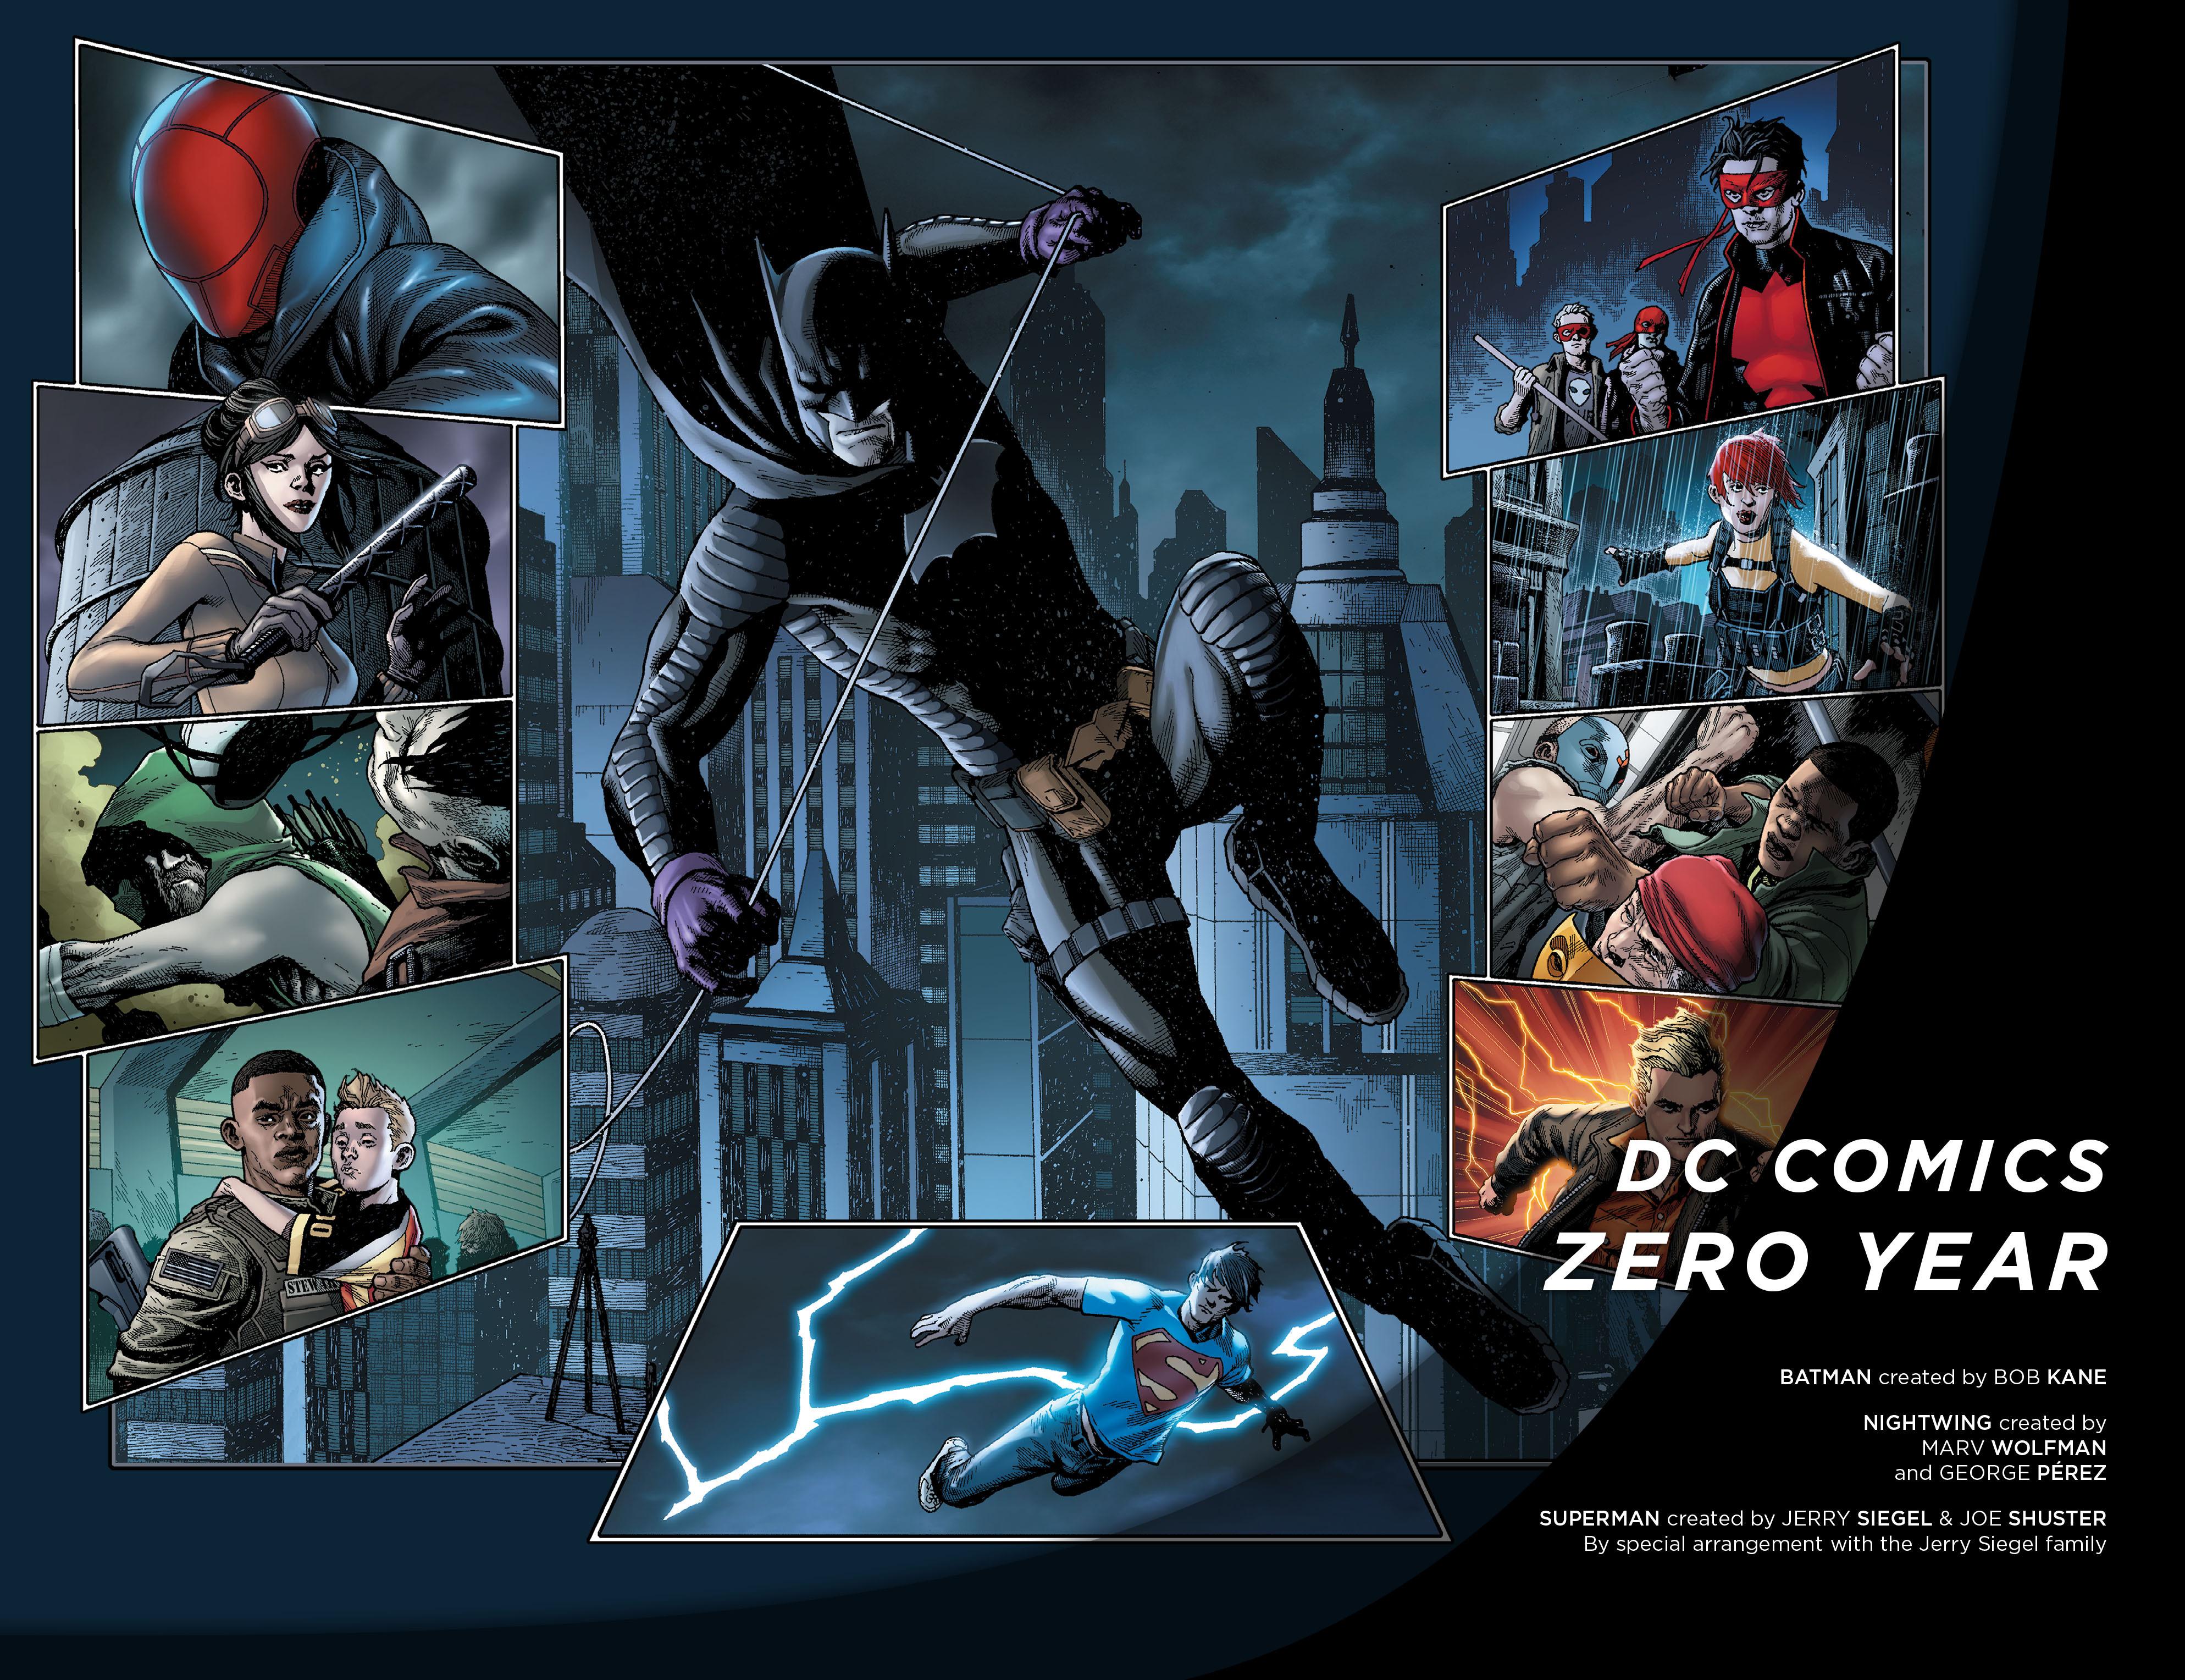 DC Comics: Zero Year chap tpb pic 3